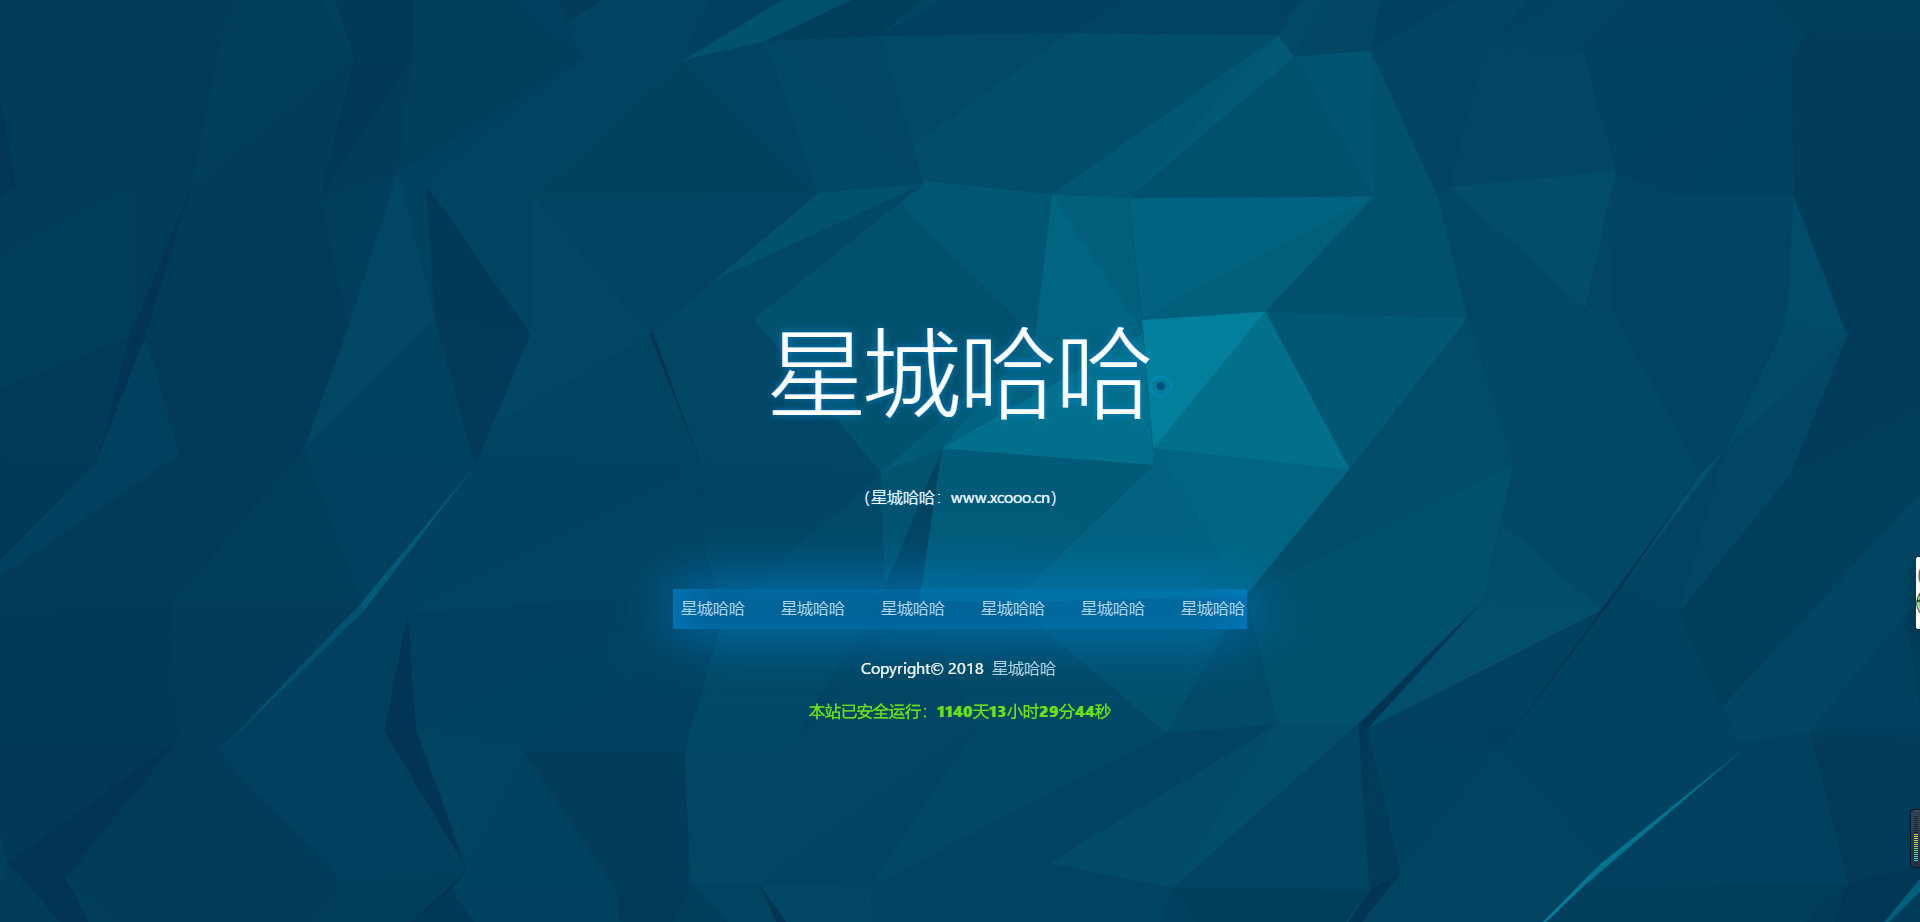 仿QQ登录背景引导页源码